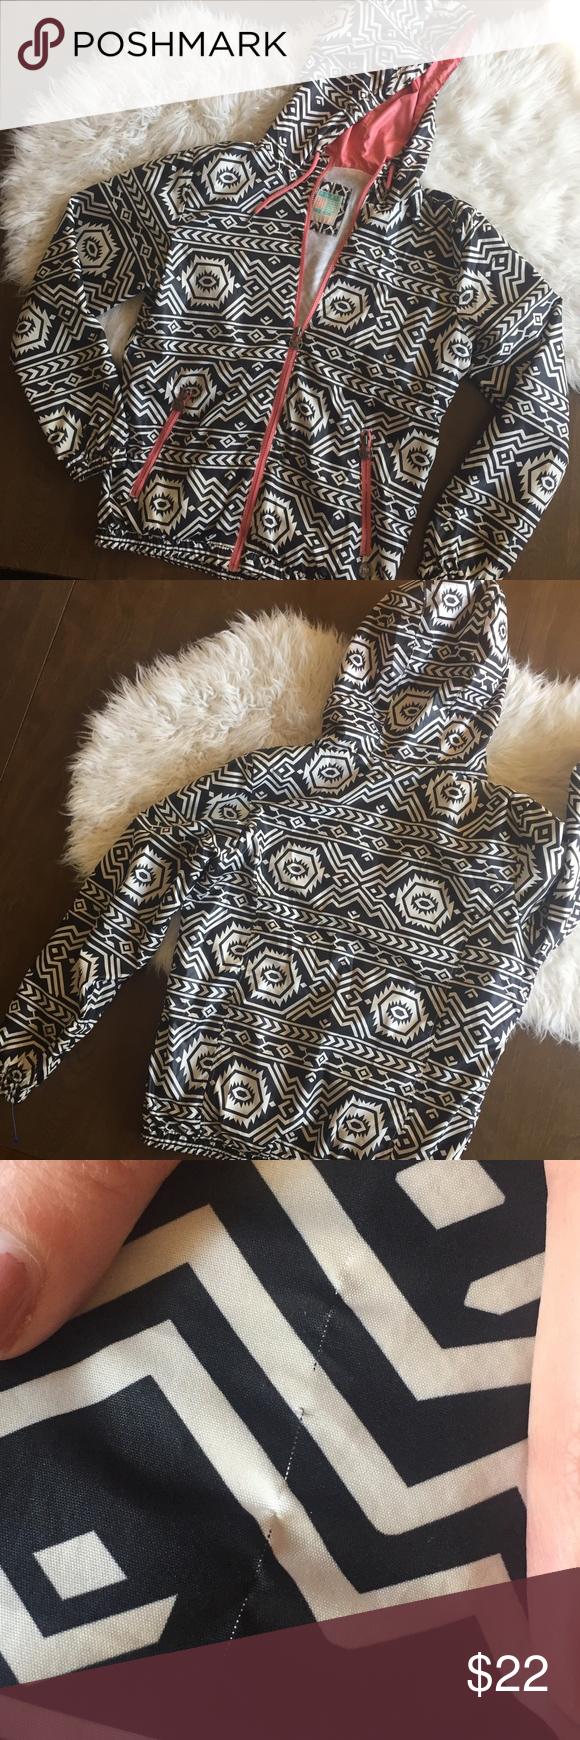 Sale Pull Bear Tribal Aztek Wind Breaker Jacket Black And White Aztec Print Windbreaker Jacket With Coral Zip Acce Bear Jacket Windbreaker Jacket Windbreaker